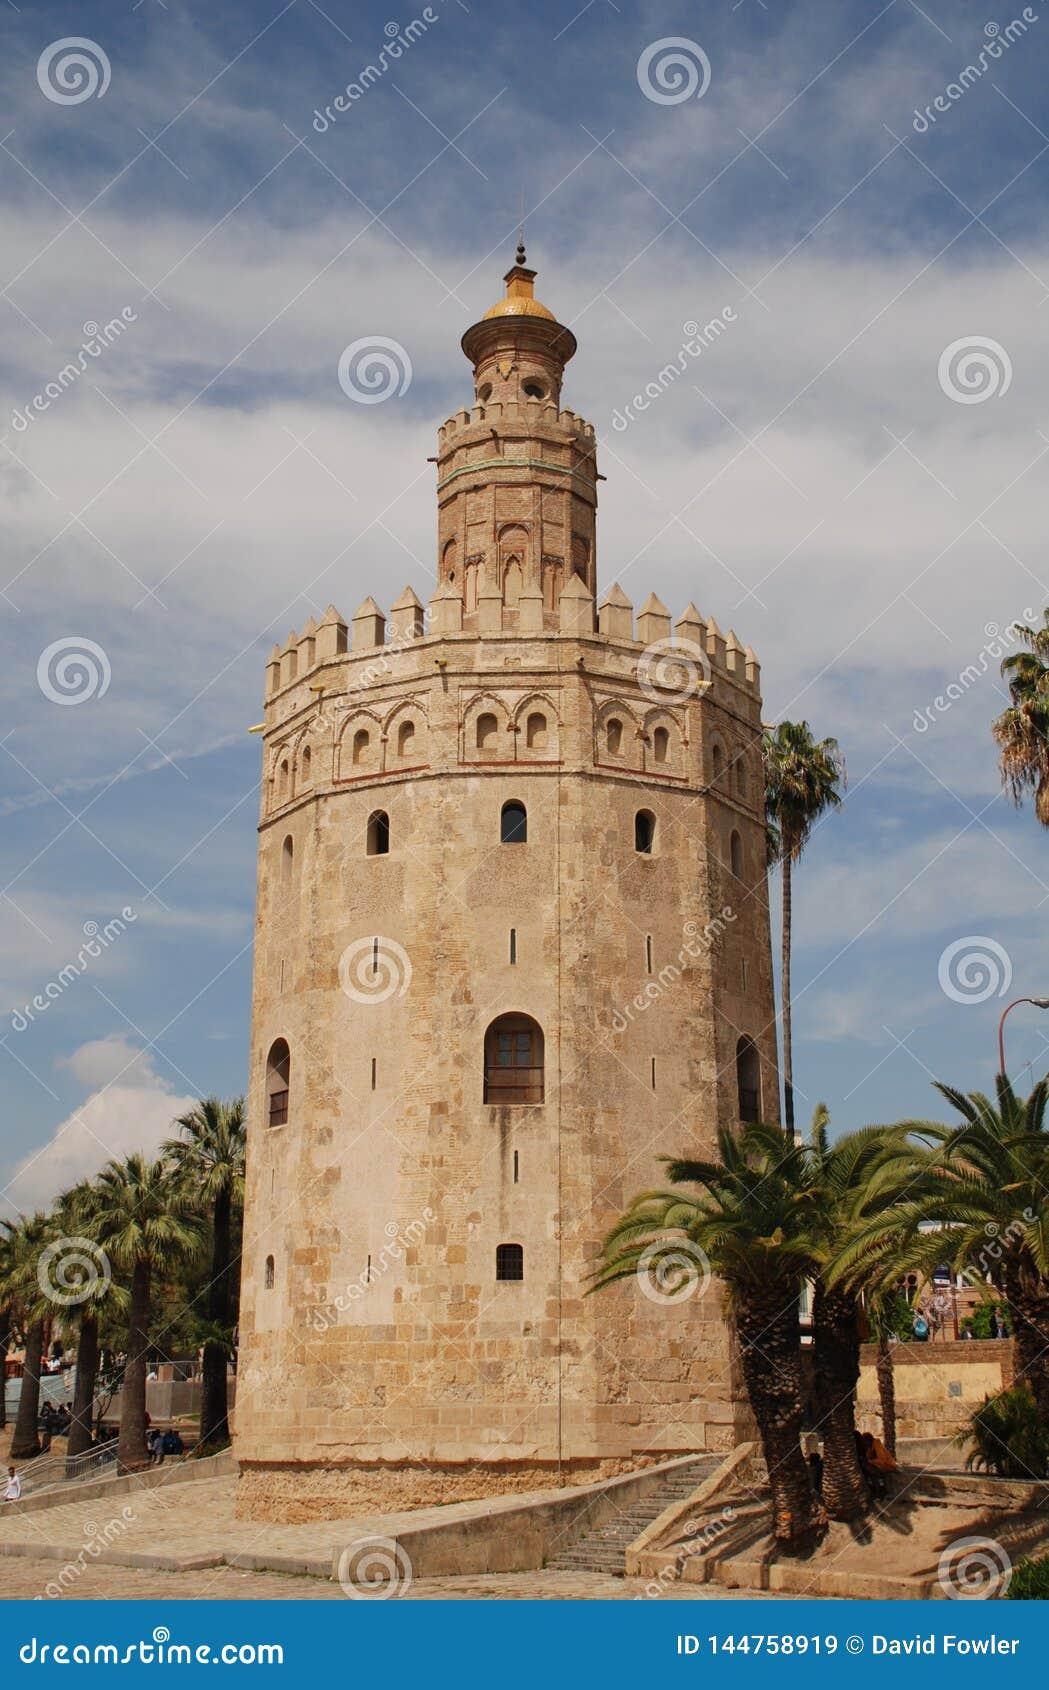 Sewilla torre del Oro